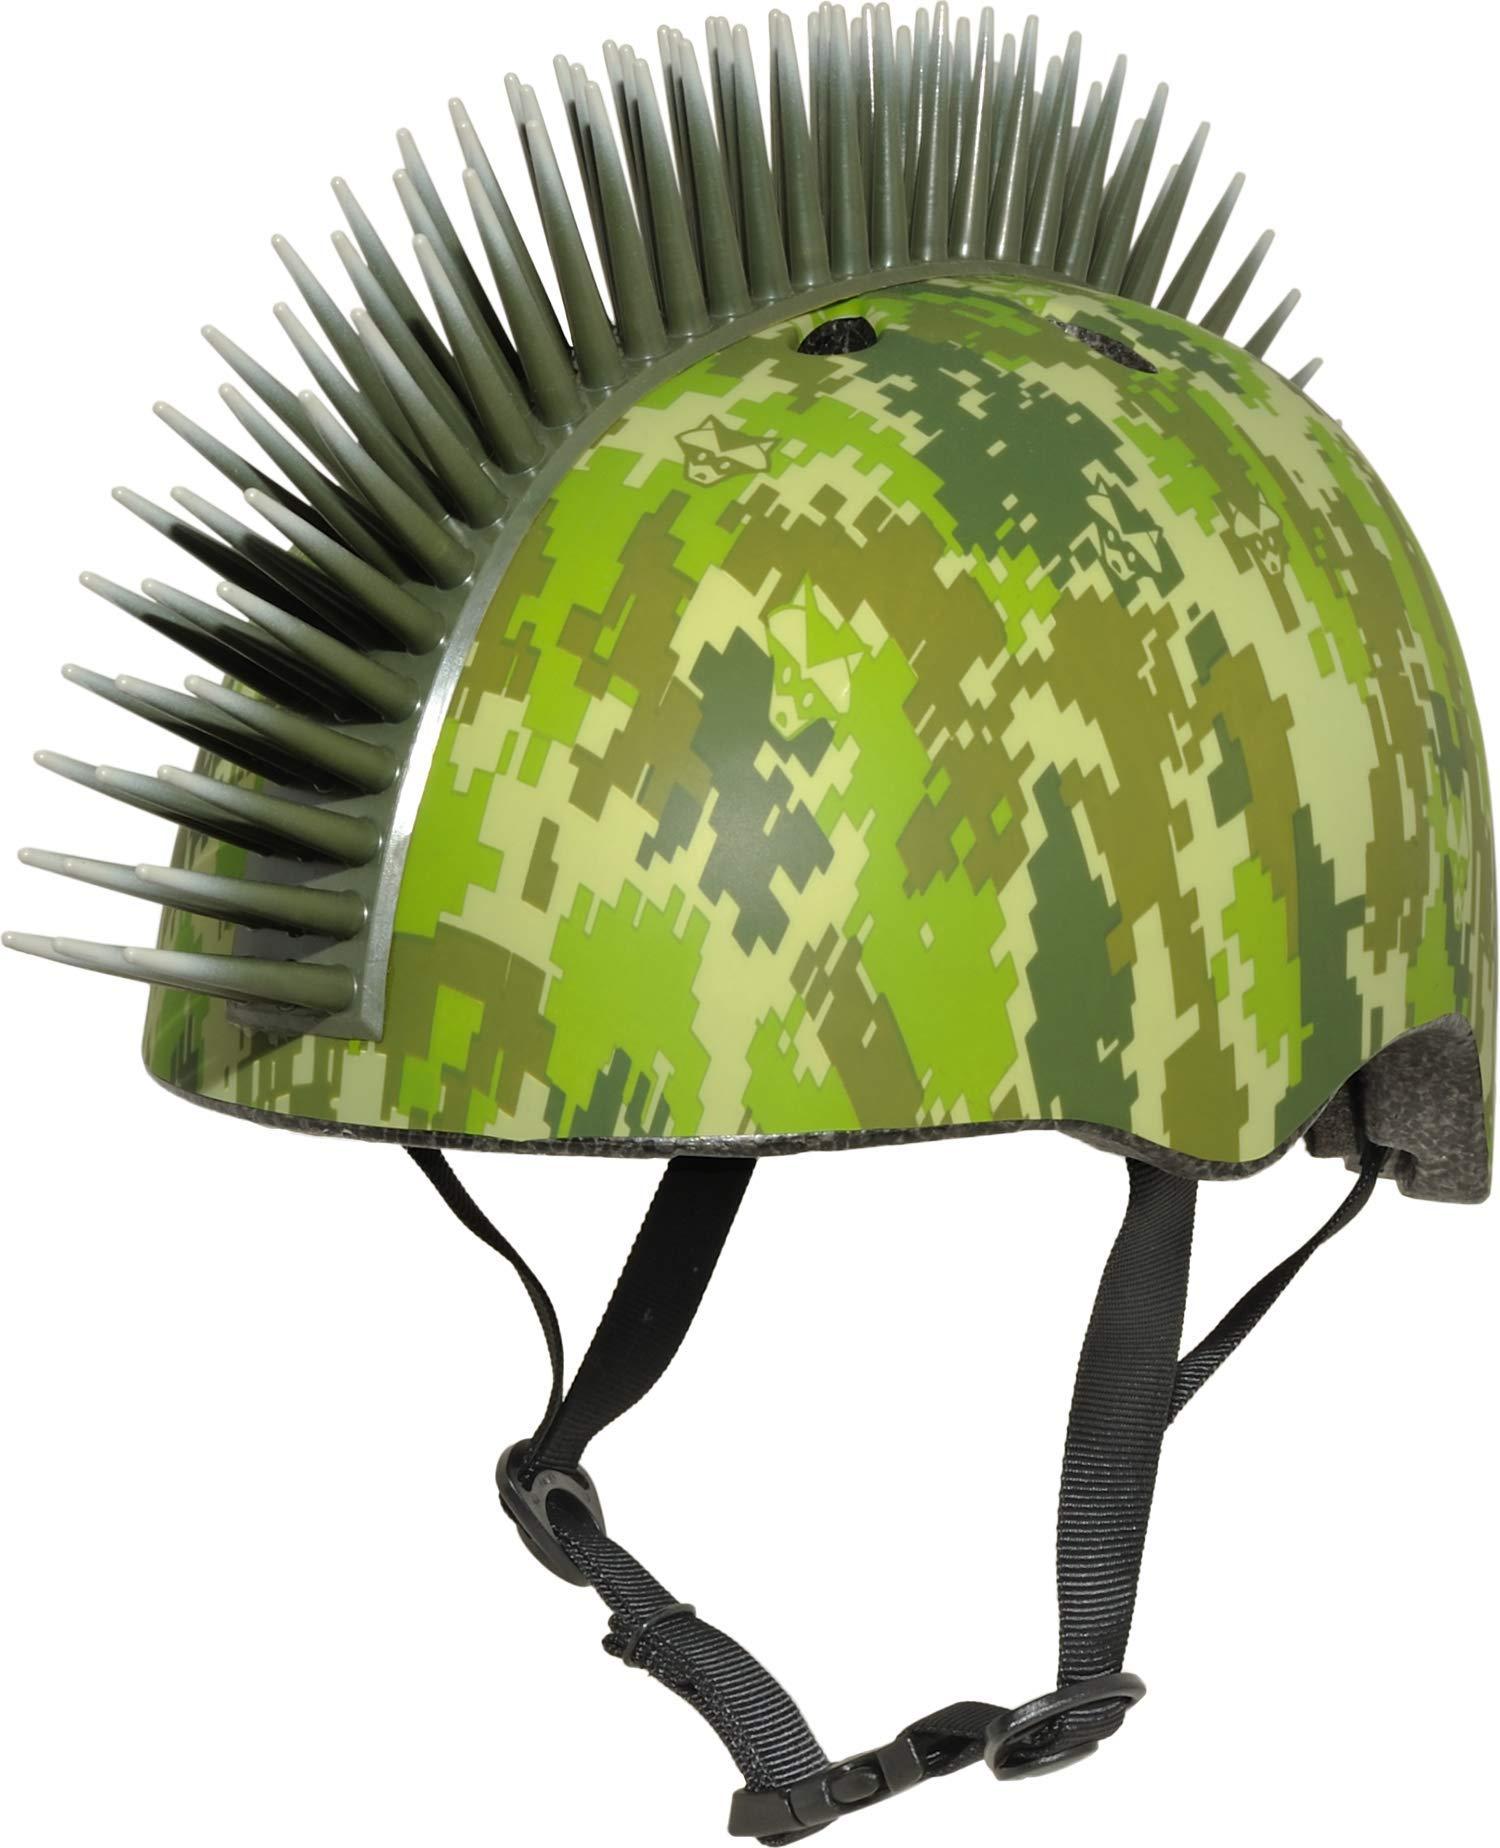 Raskullz Digital Camo Mohawk Helmet, 5+ (50-54cm) by Raskullz